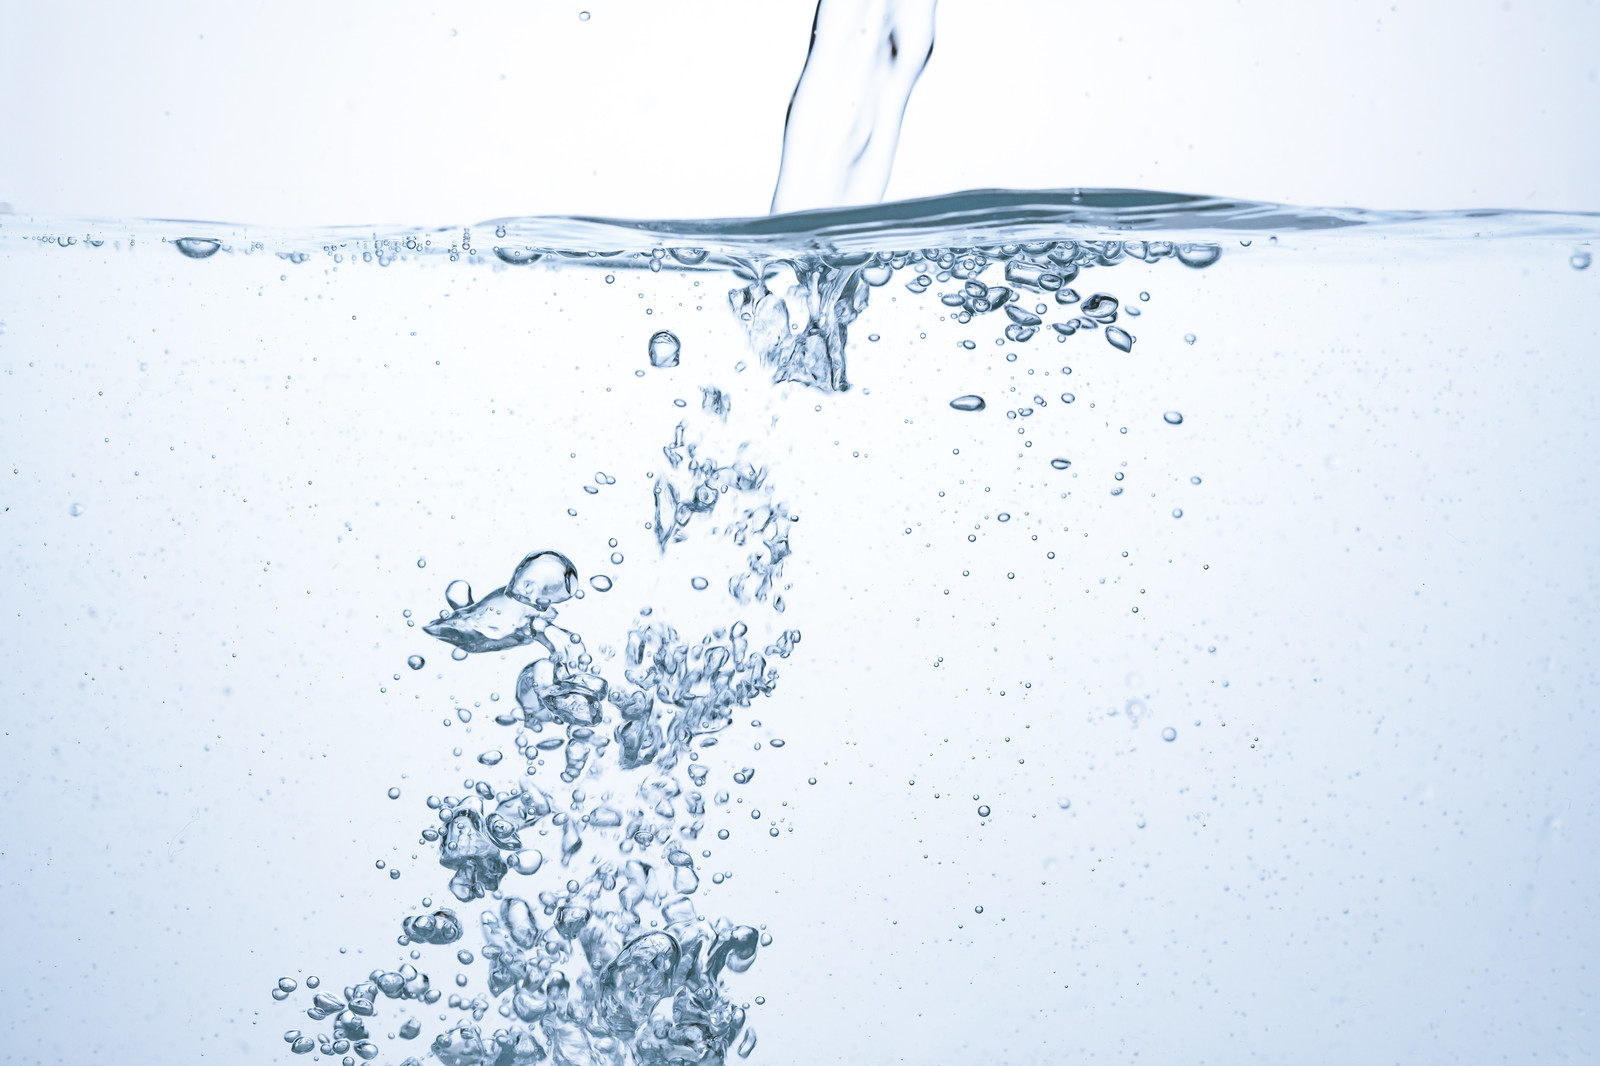 「勢いよく注がれる水と気泡」の写真